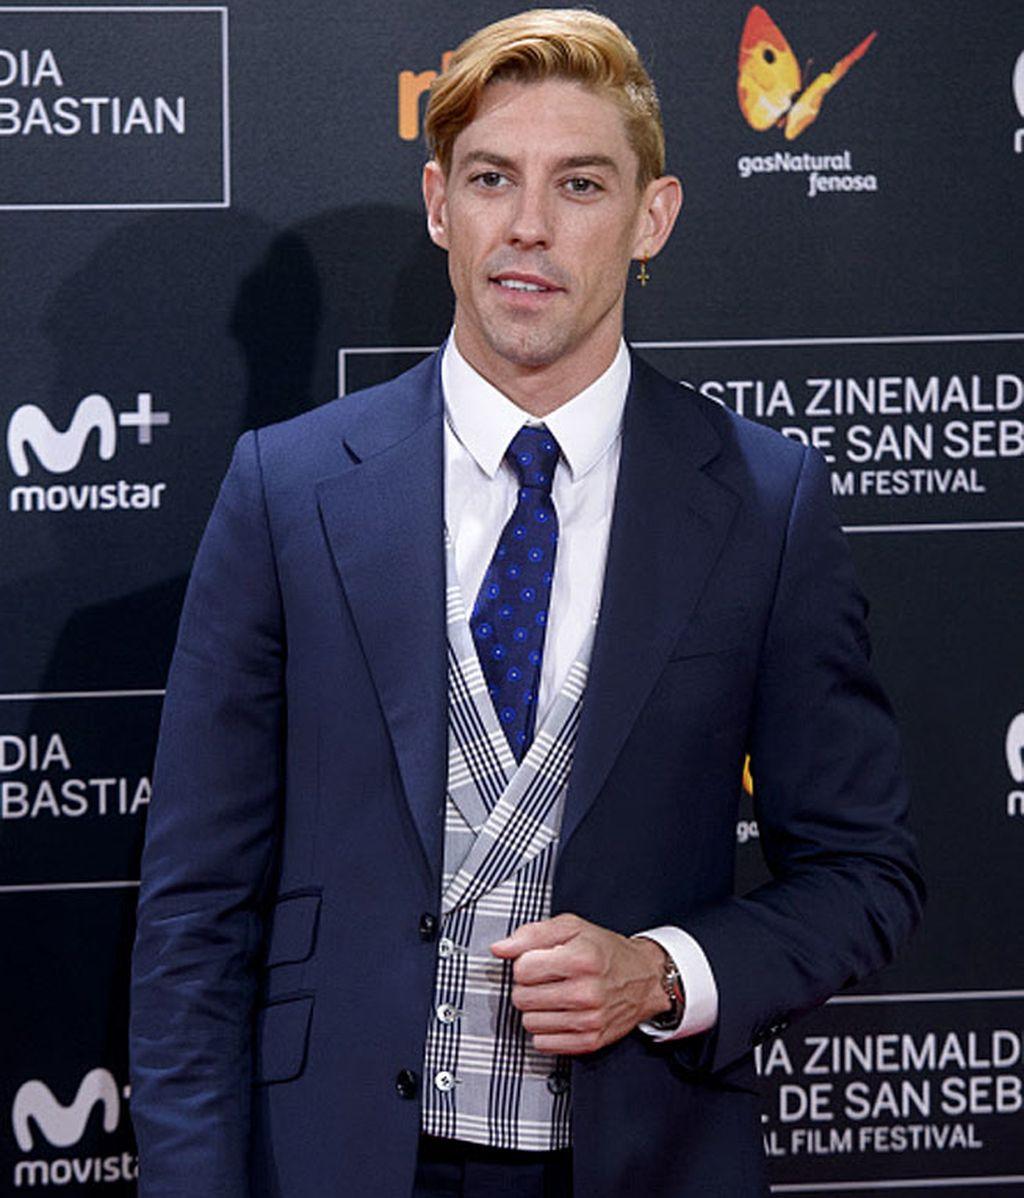 El actor y músico español Adrián Lastra no quiso perderse el festival